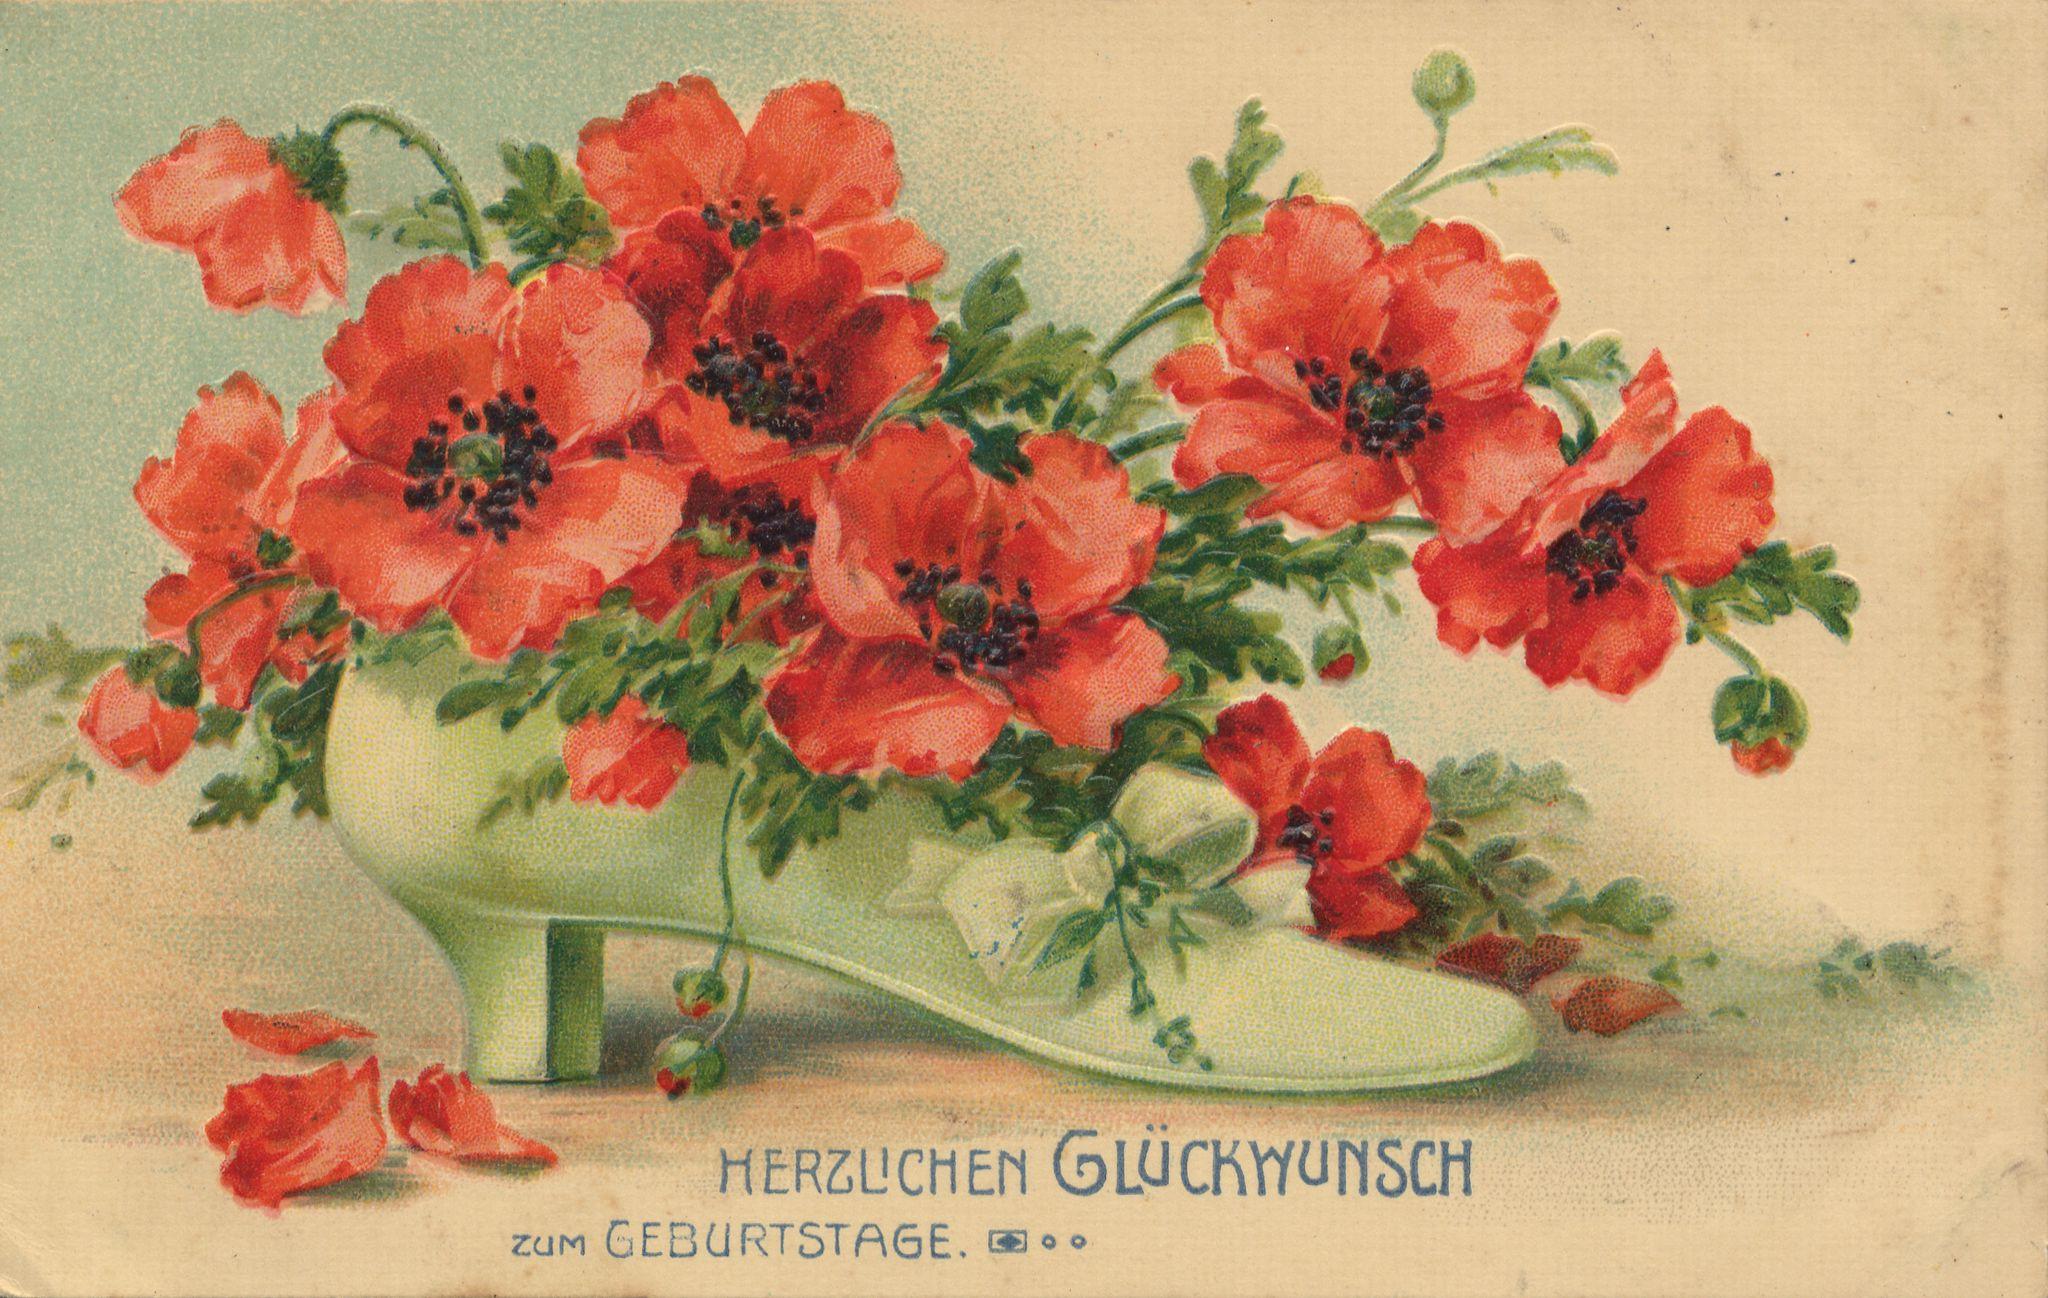 Geburtstagswünsche Türkisch  Geburtstagswünsche Blumen Astrid